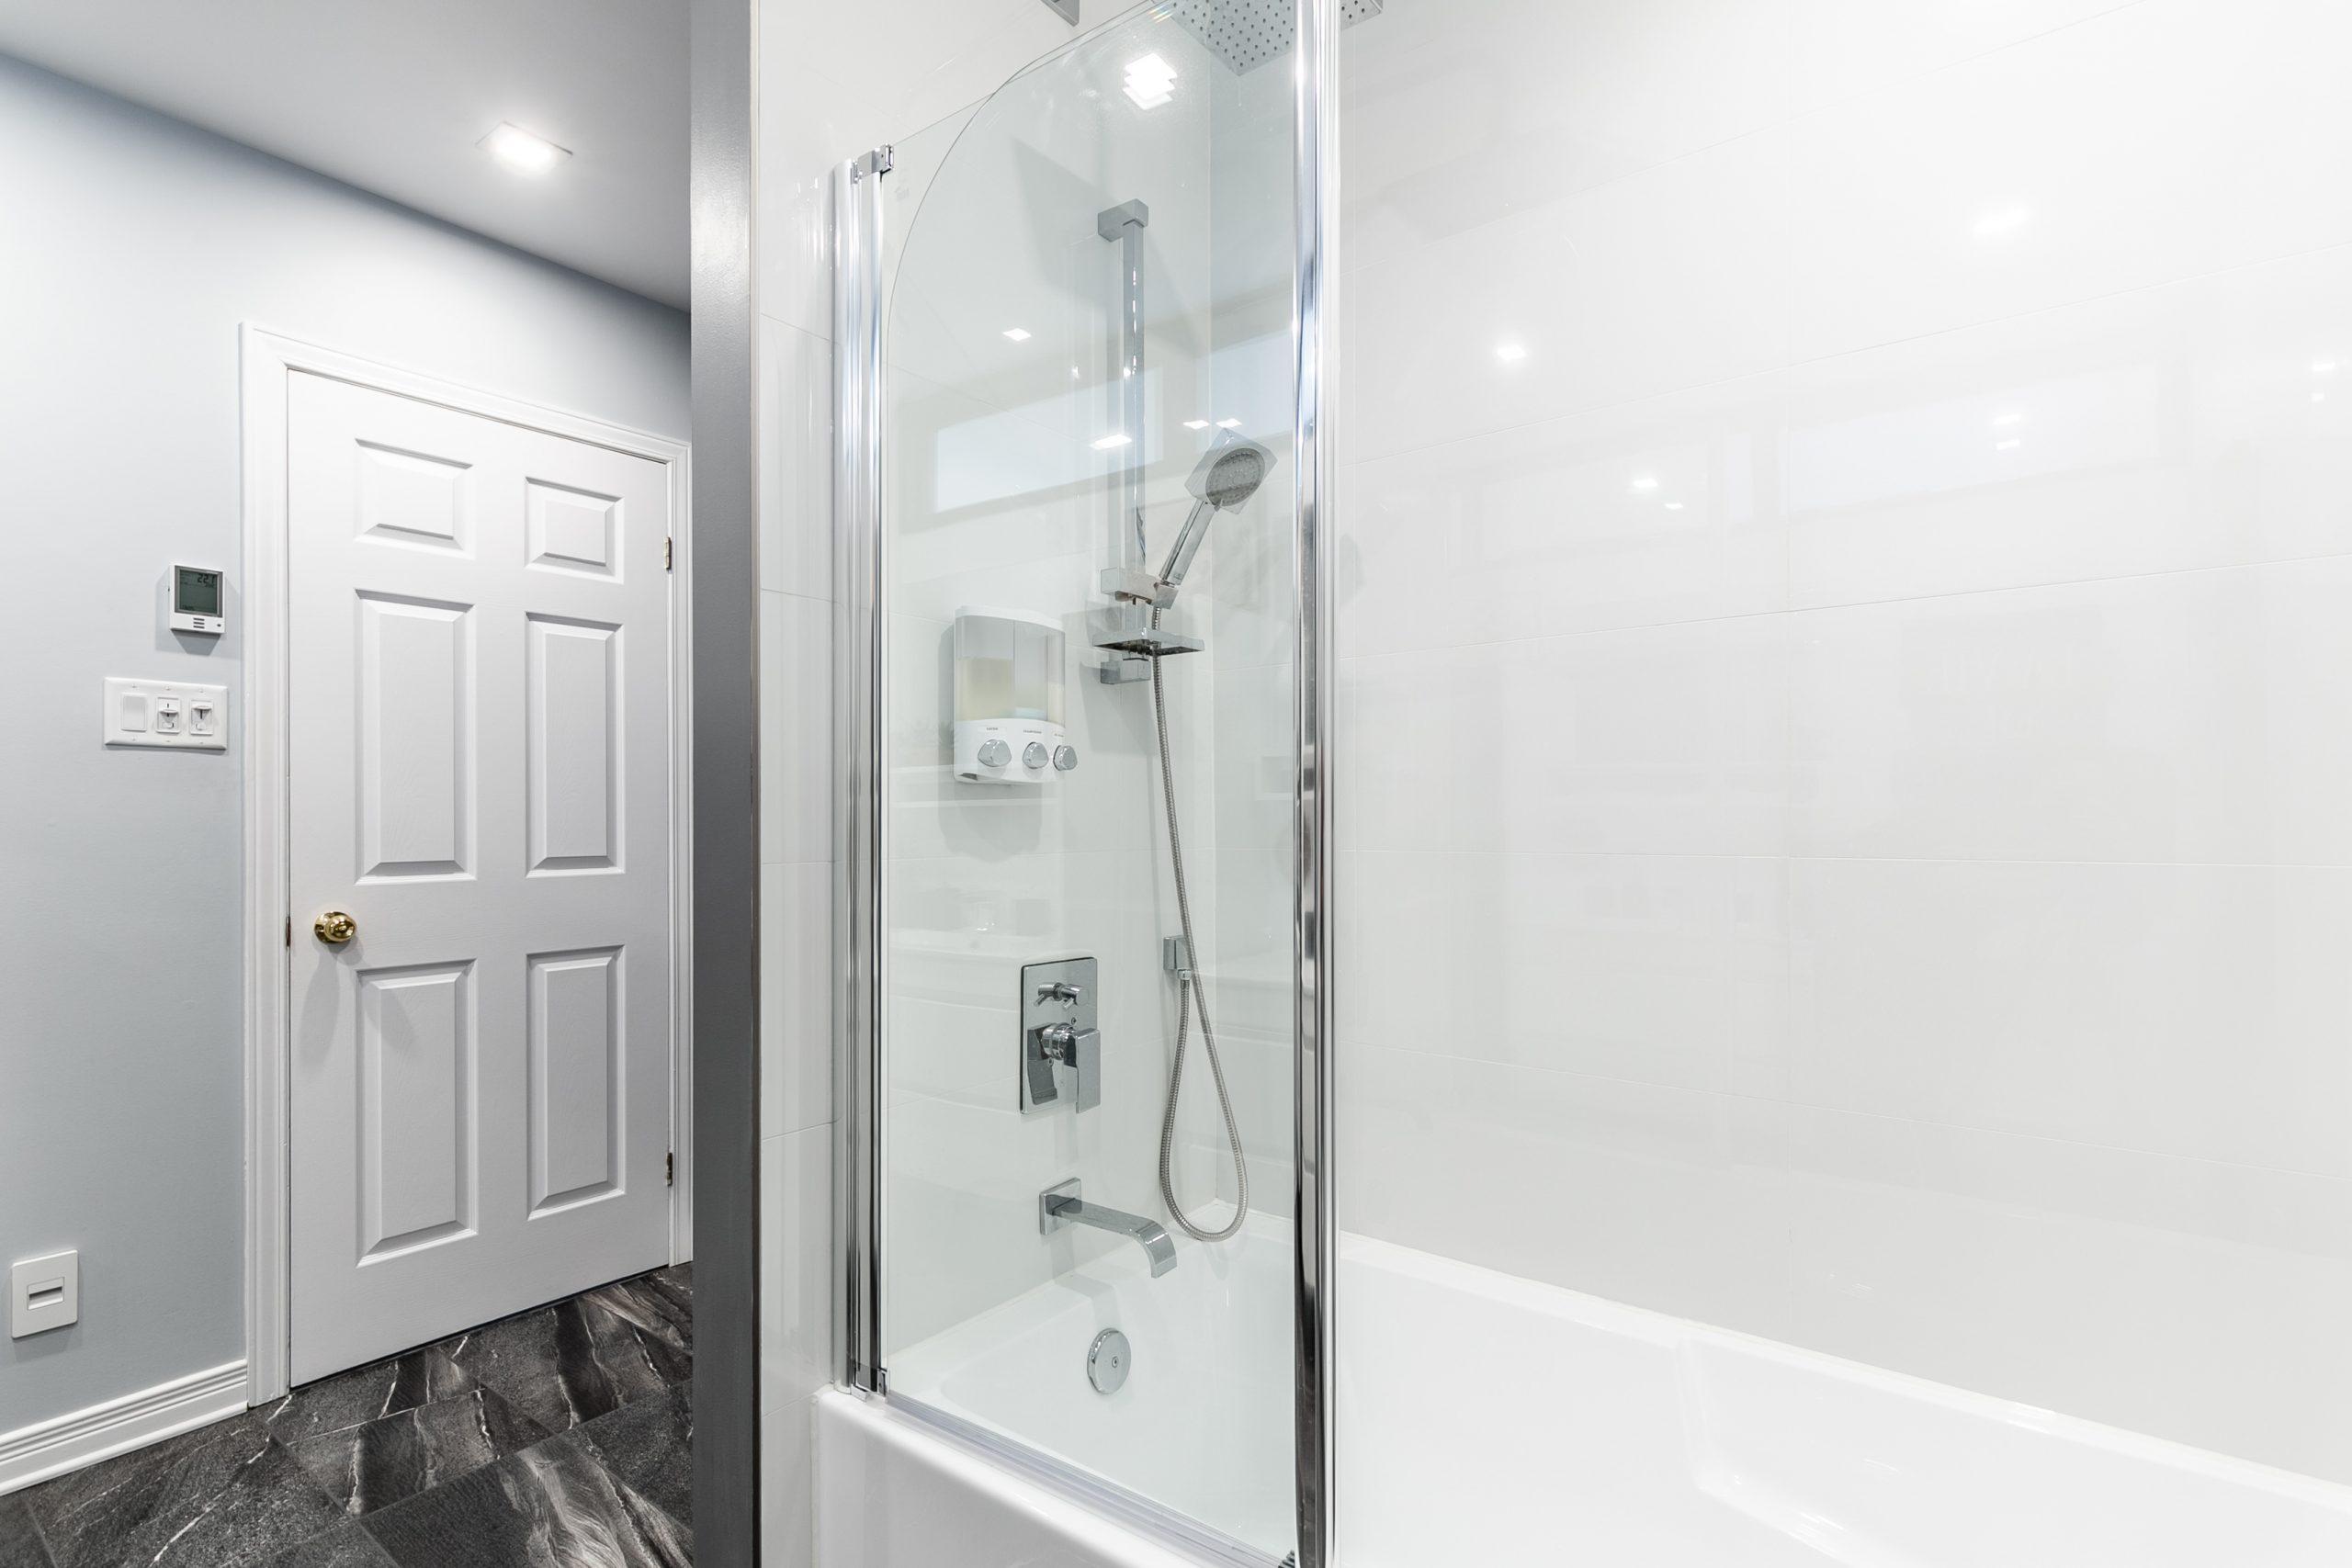 Bain-douche vitré avec une robinetterie chrome et vue sur la porte de la salle debain